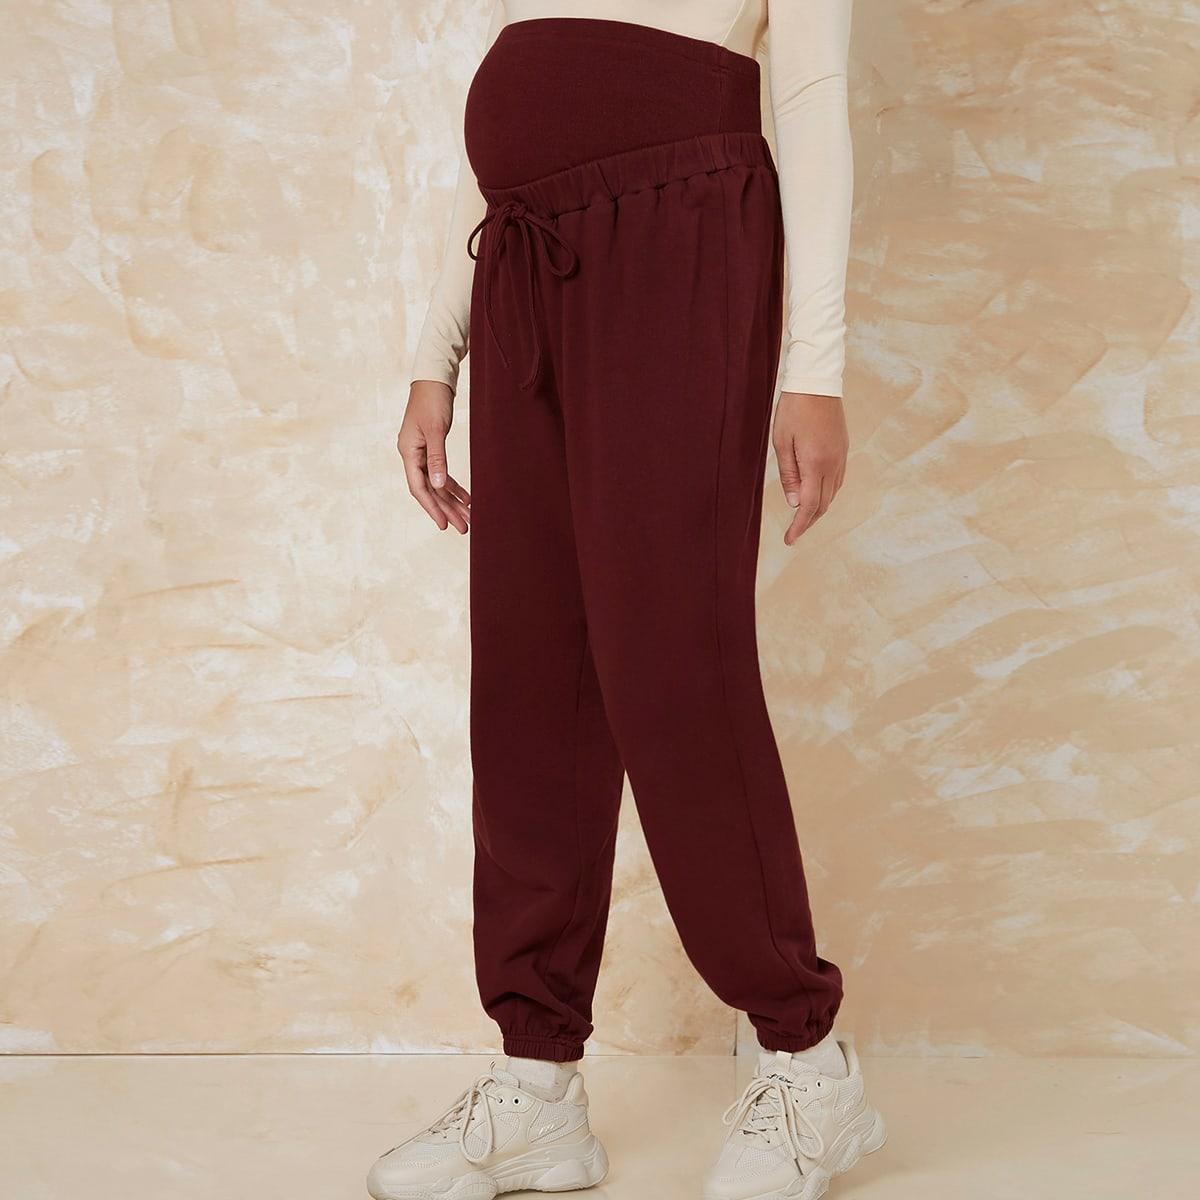 Простые спортивные штаны для беременных с завязками на талии